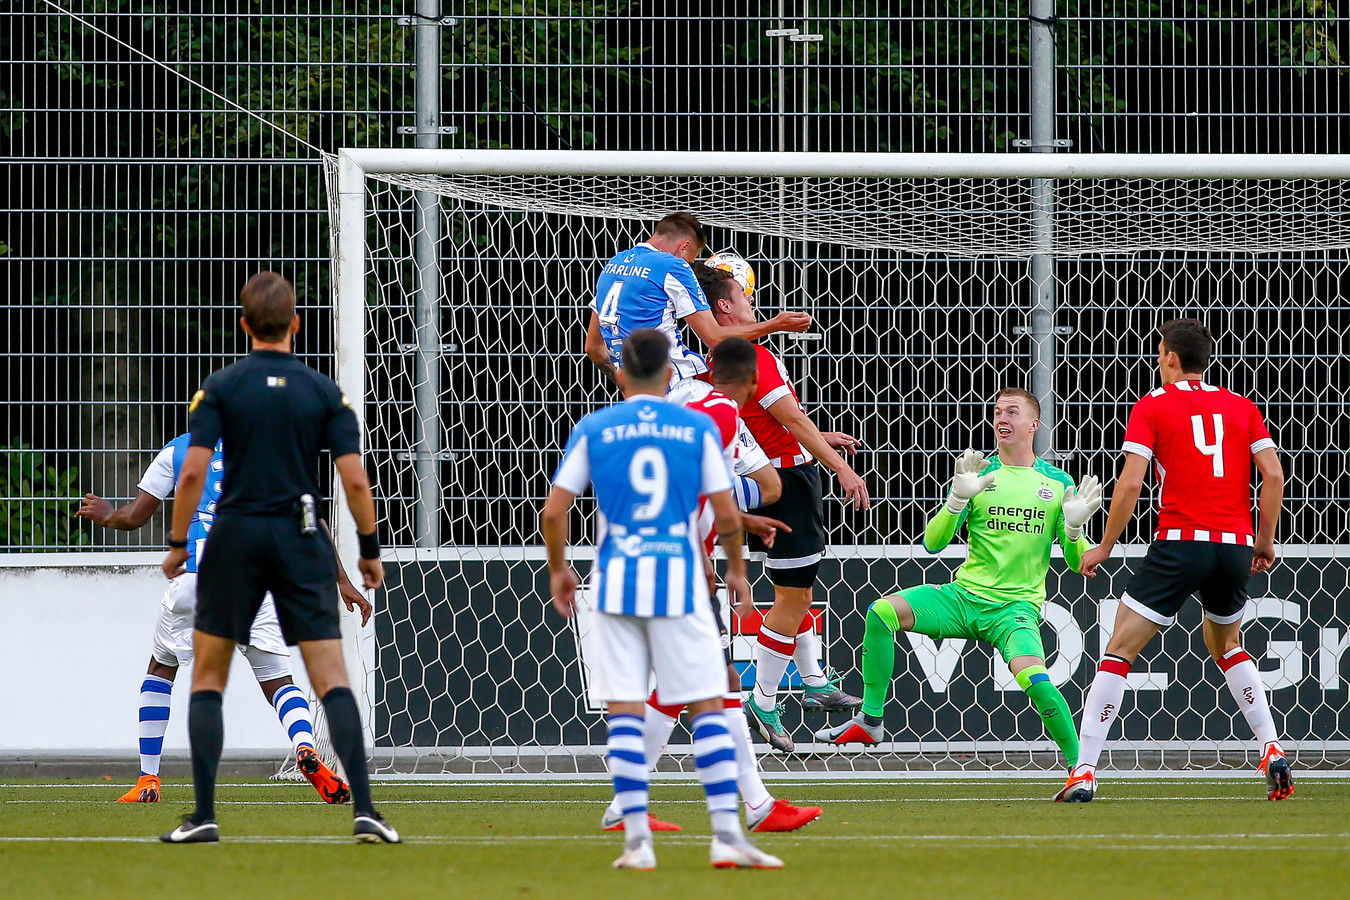 Siebe van der Heyden kopt de 0-1 binnen.